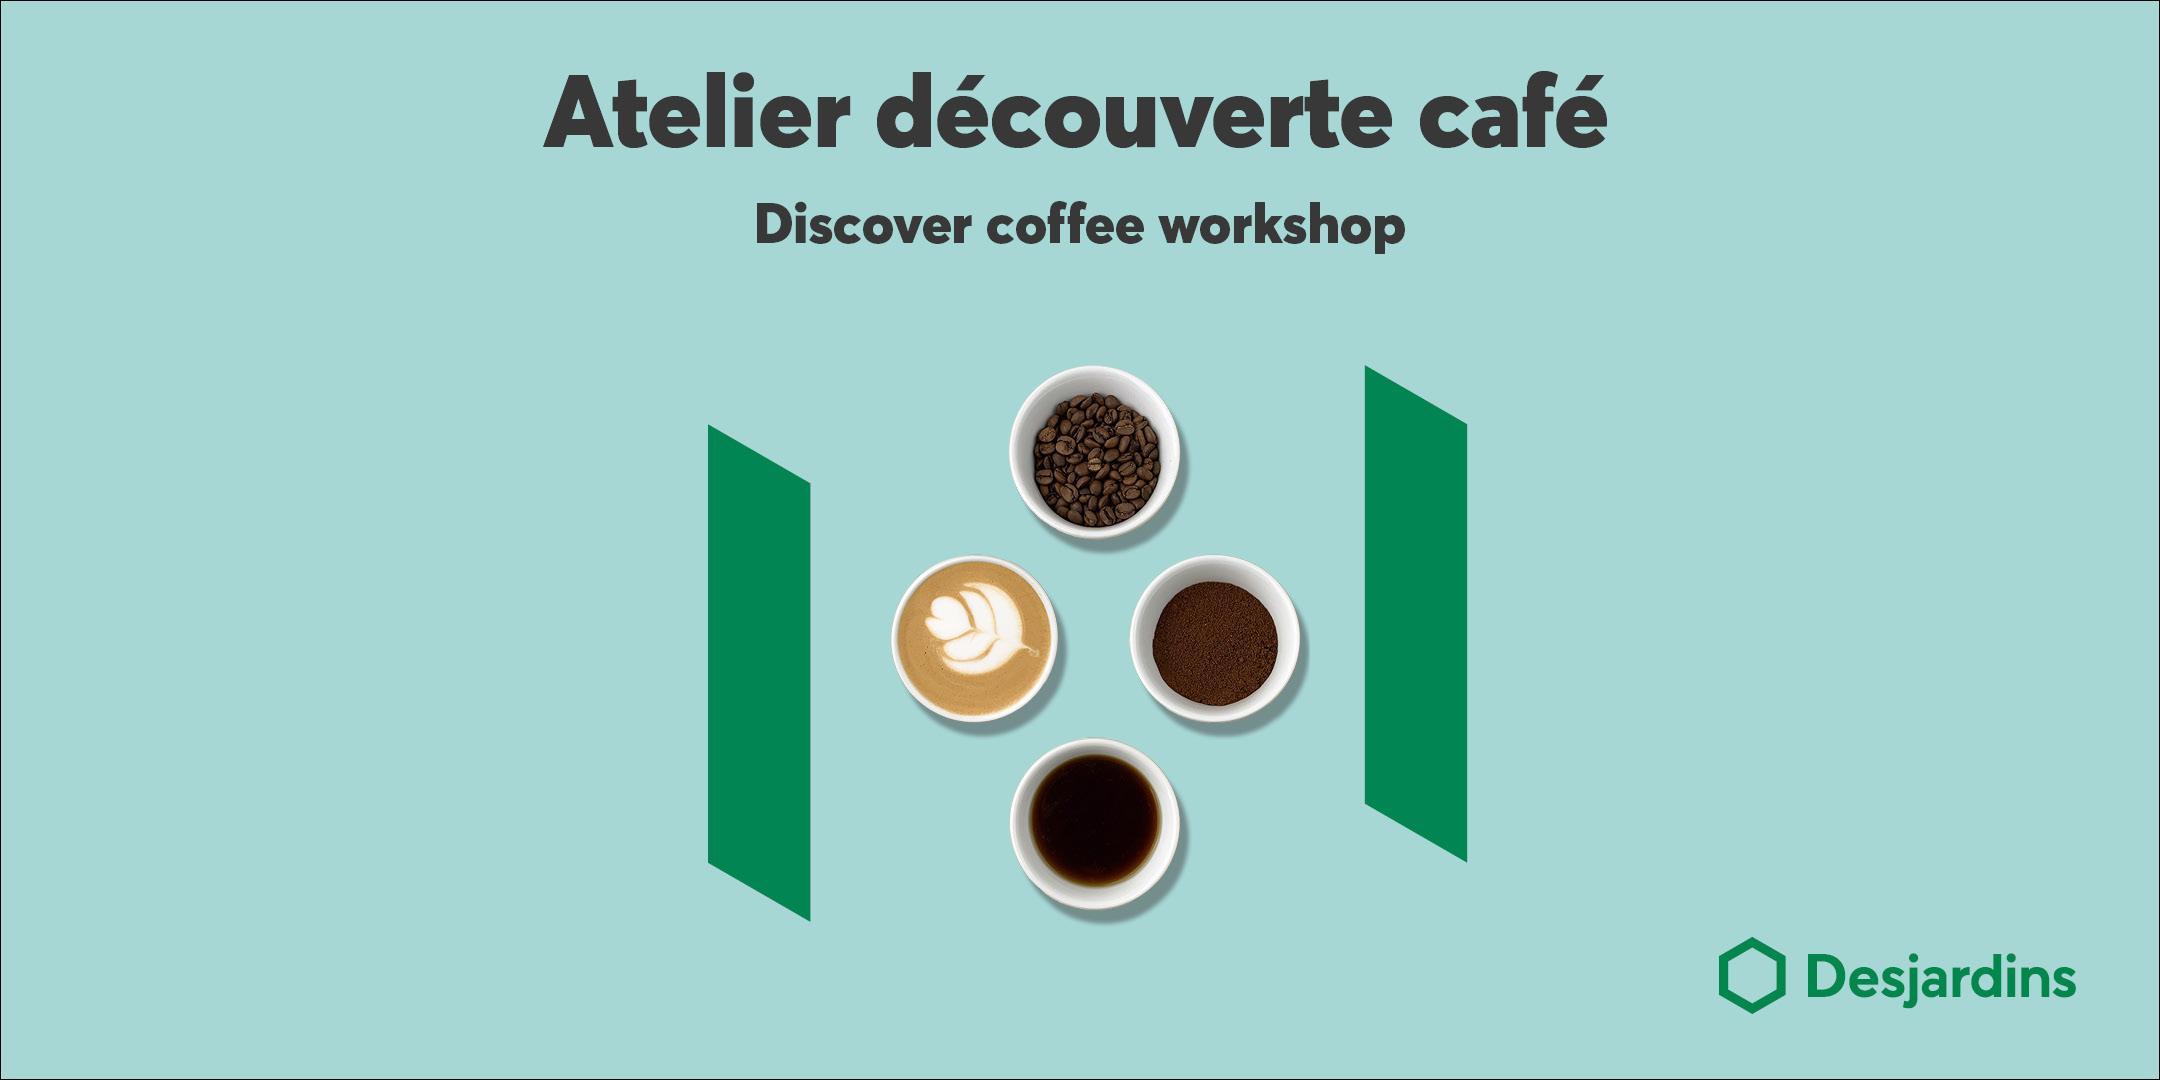 Atelier découverte café Desjardins - Montréal Marché Central